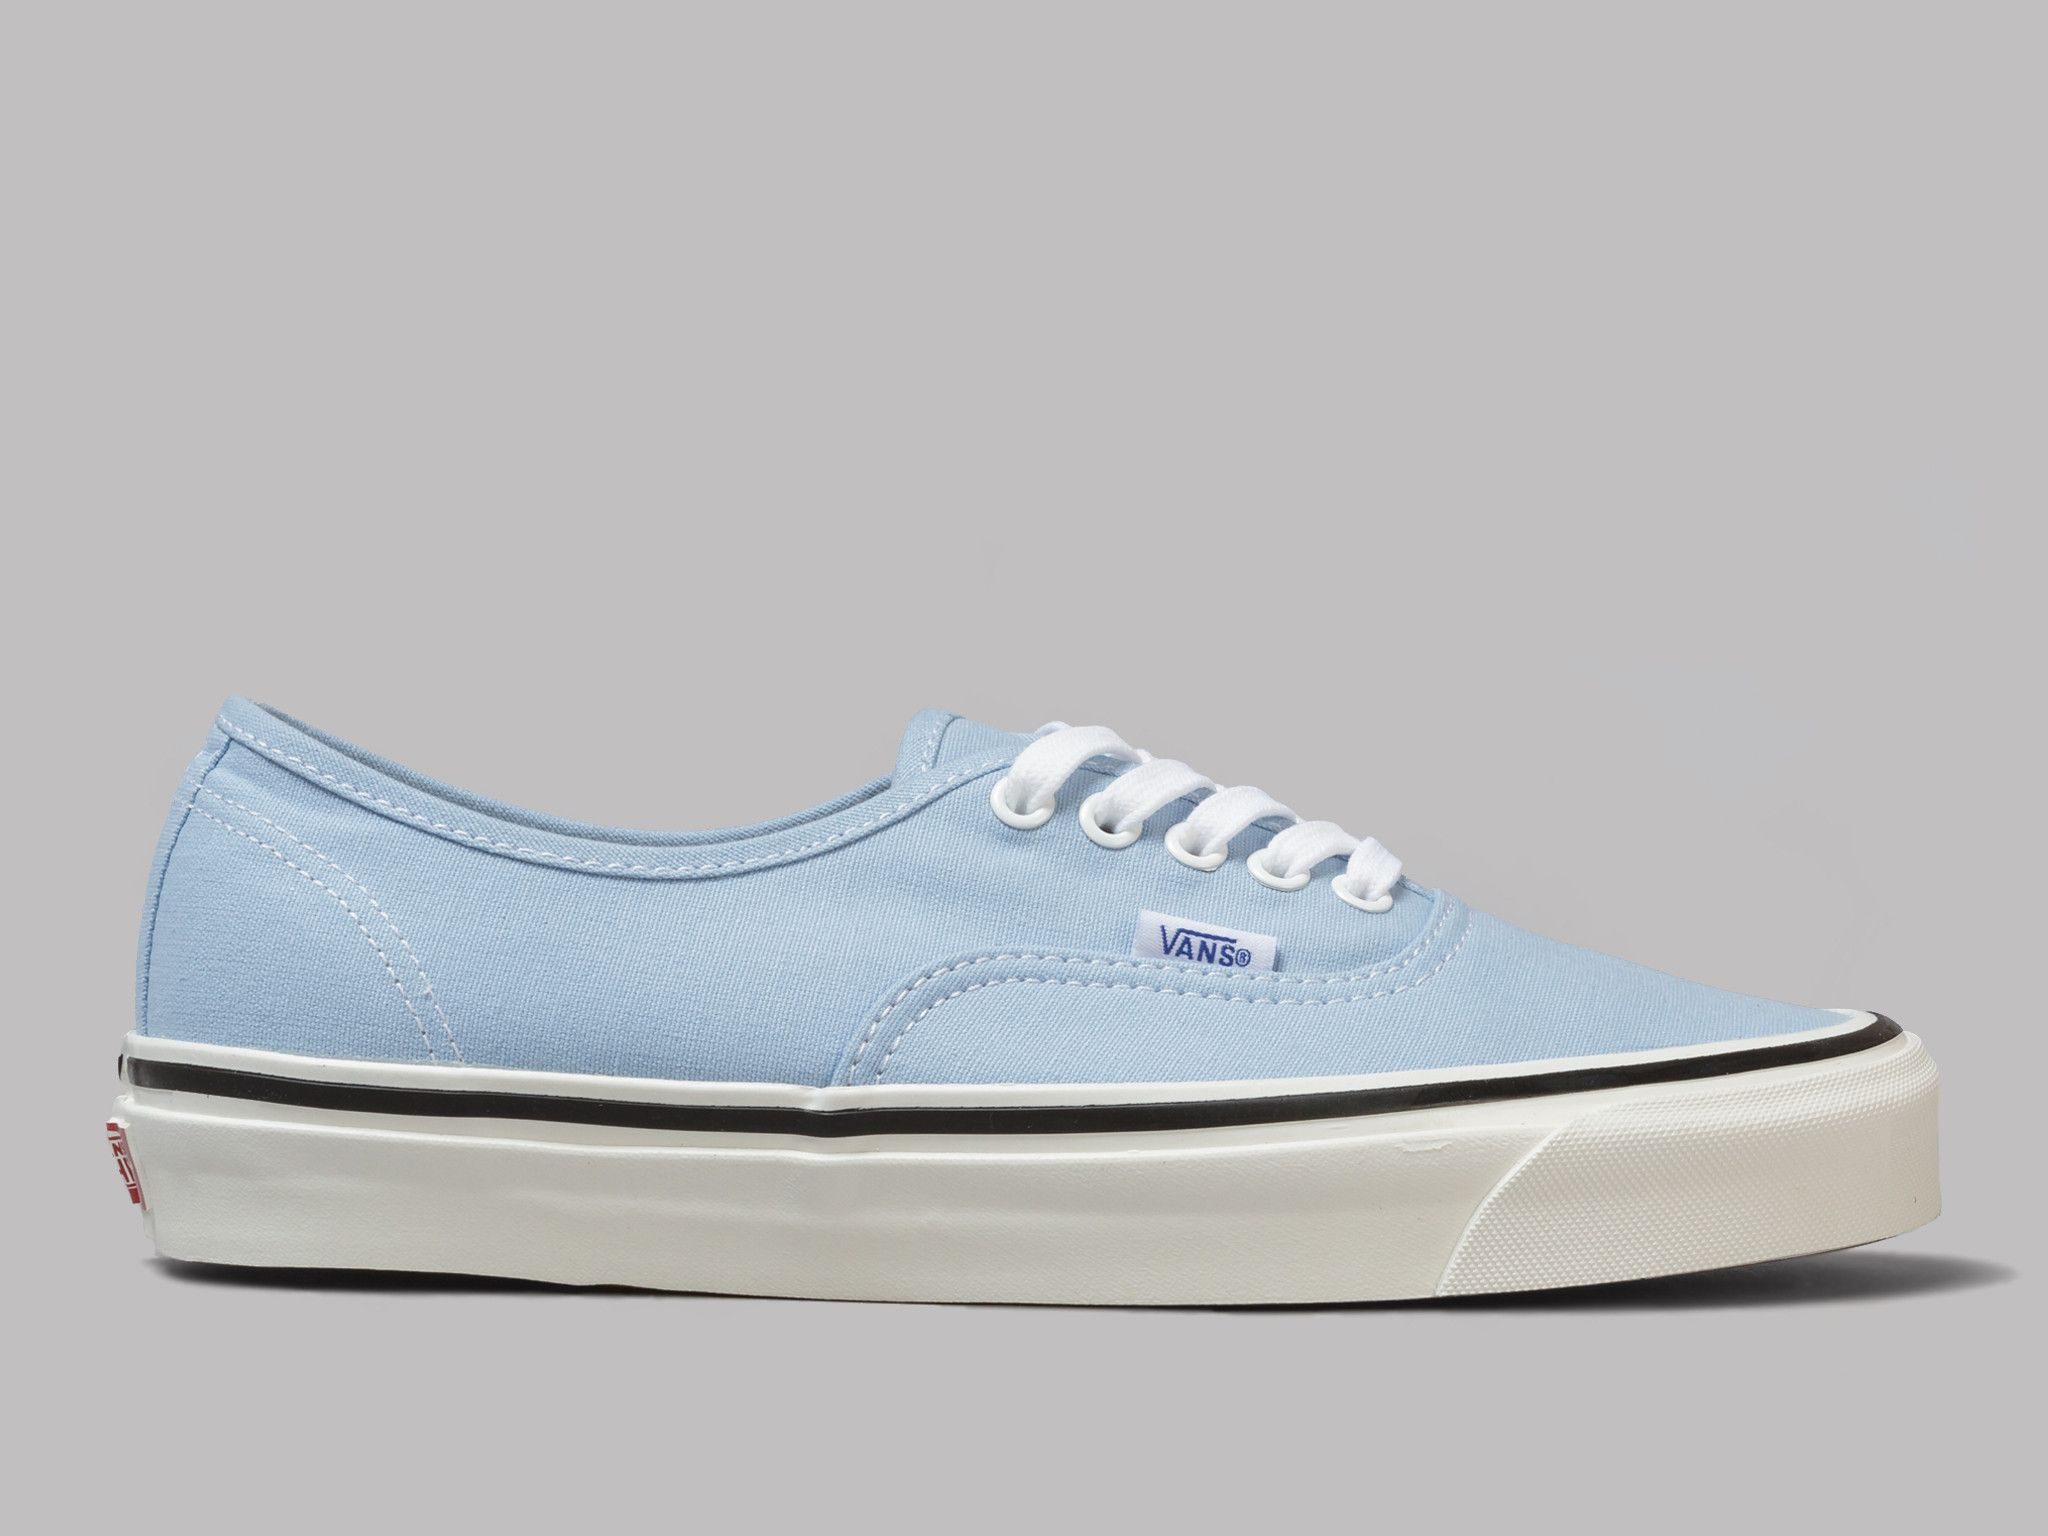 59a94075b7ef58 Vans Authentic 44 DX Anaheim Factory (Light Blue)